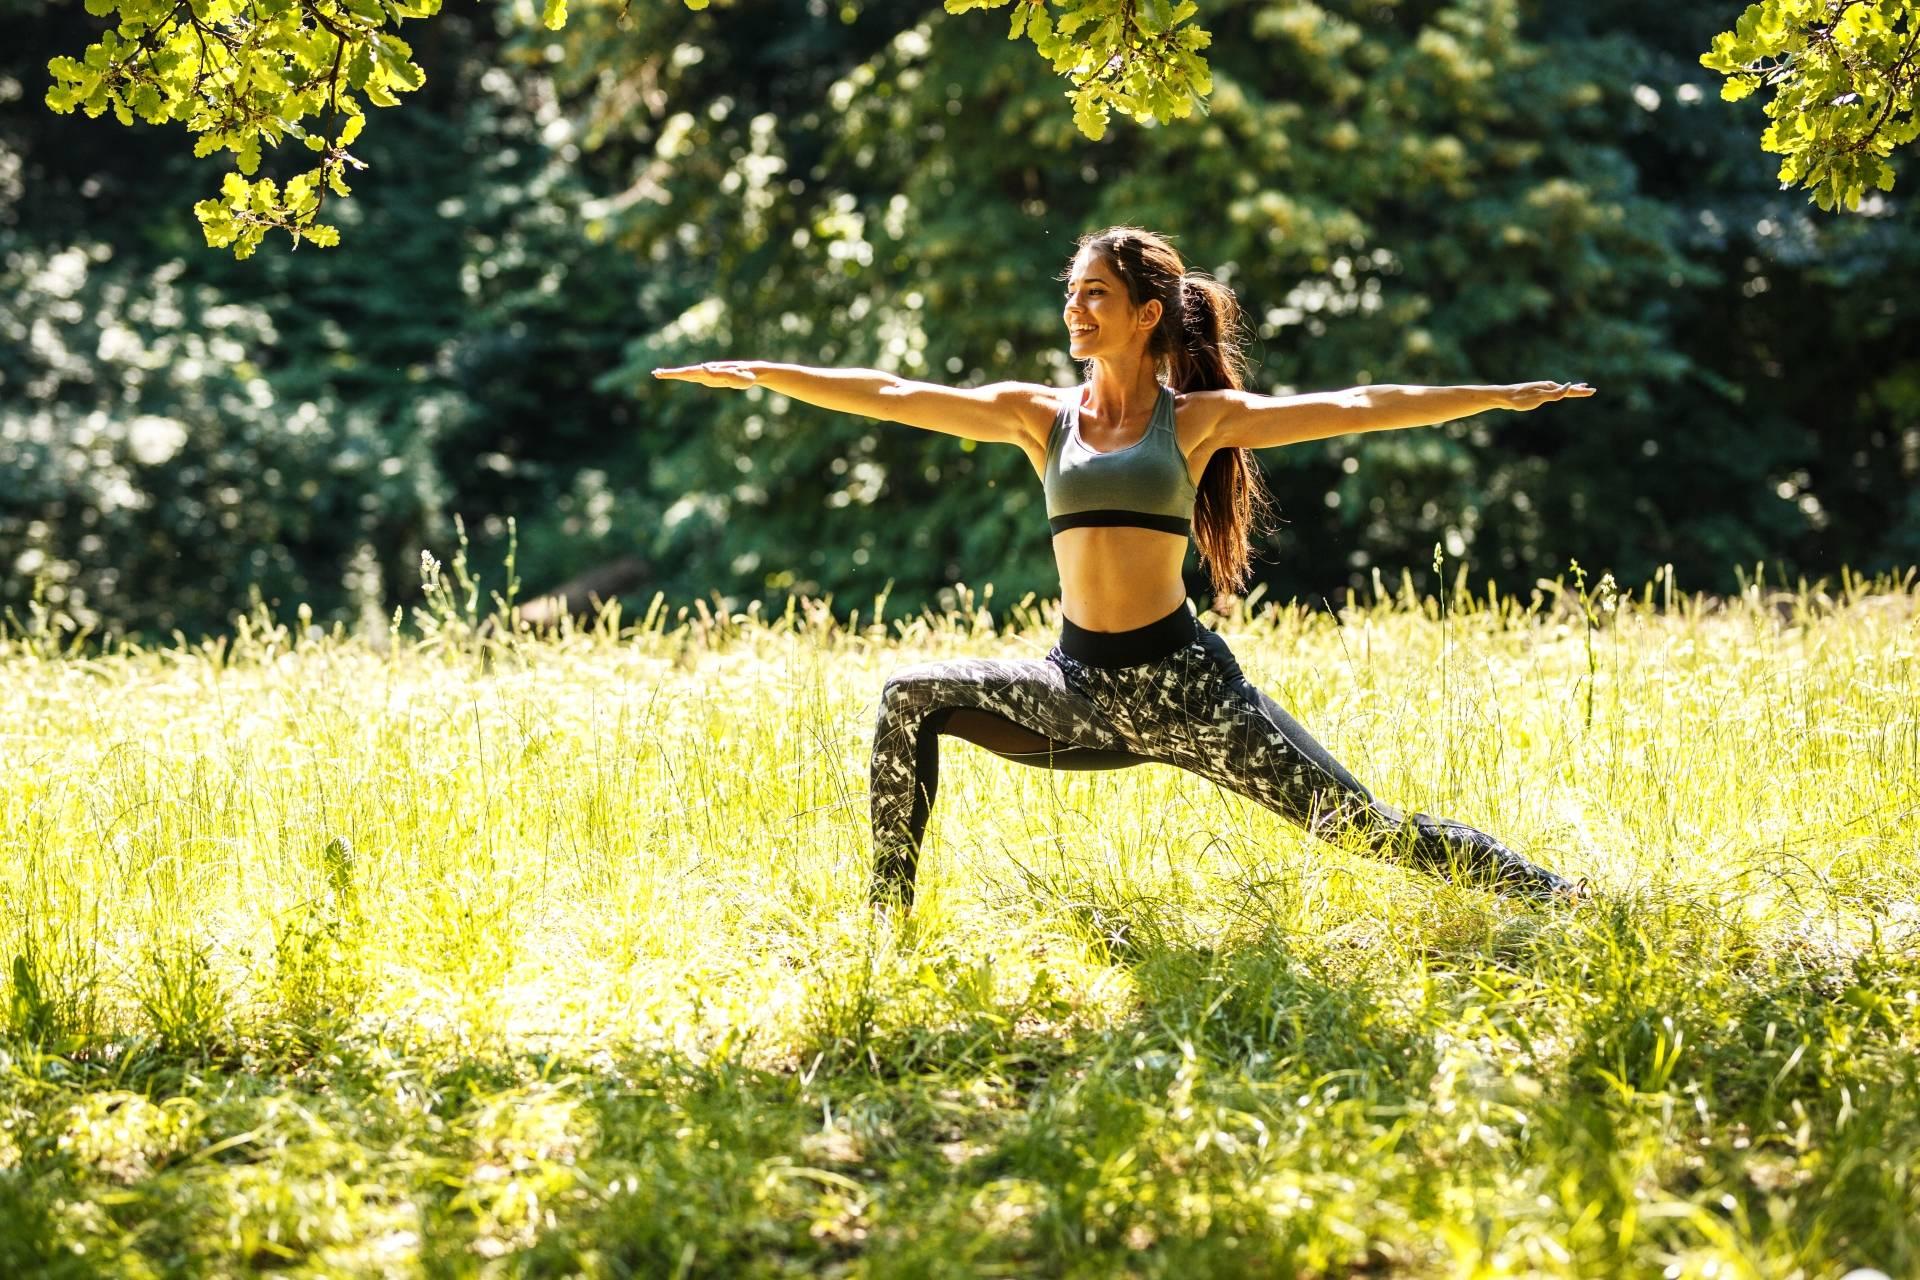 Trening w parku. Młoda wysportowana kobieta ćwiczy w parku.